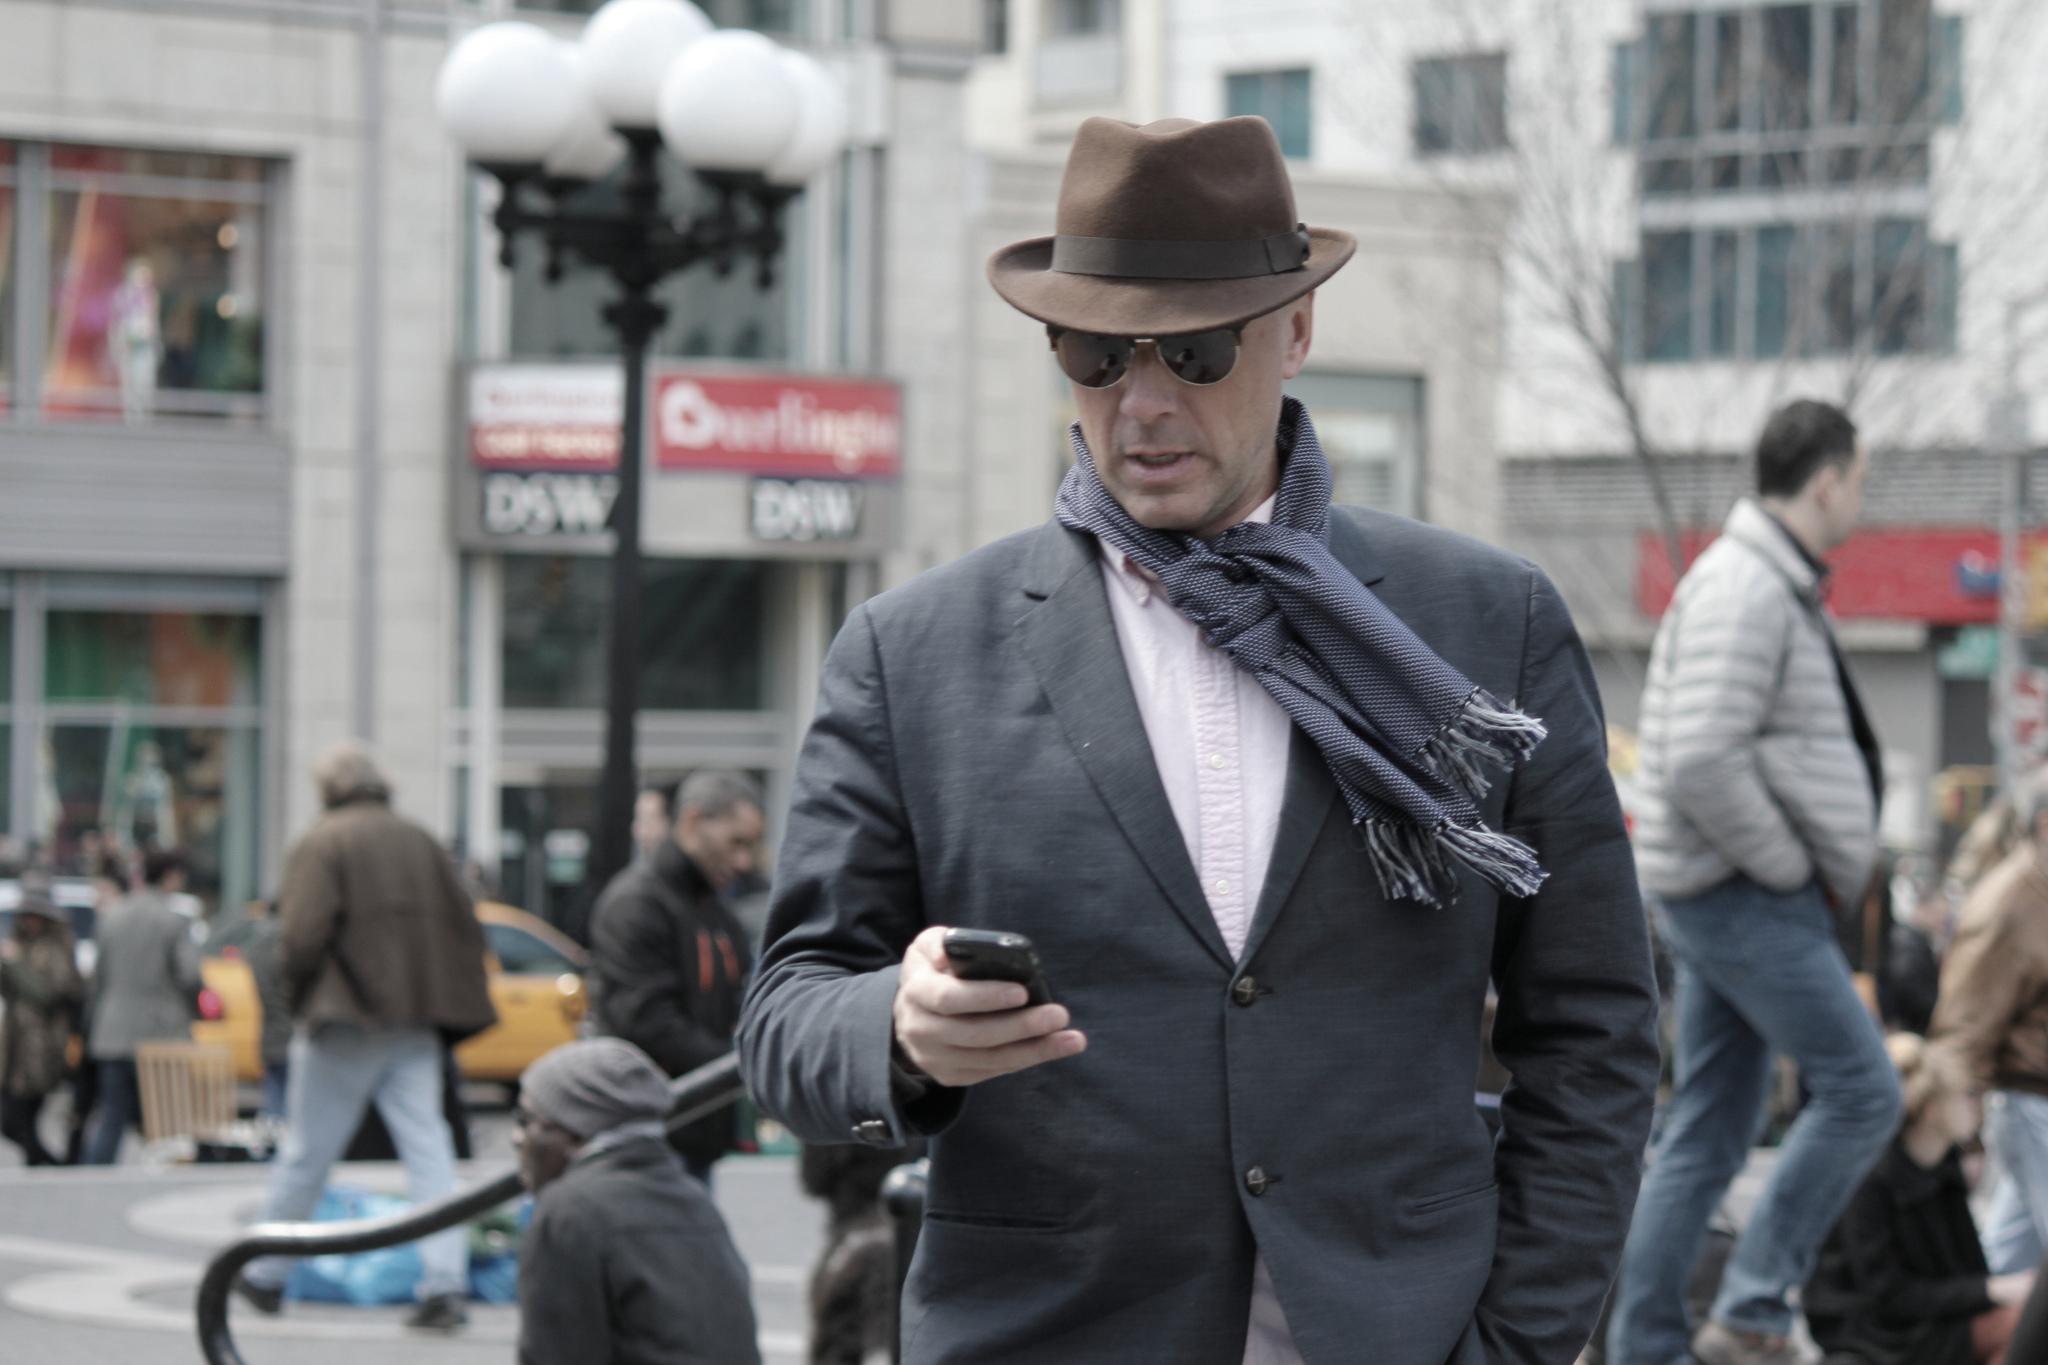 Comment porter un echarpe homme - balbuzard-migration.fr 54a925f1d70